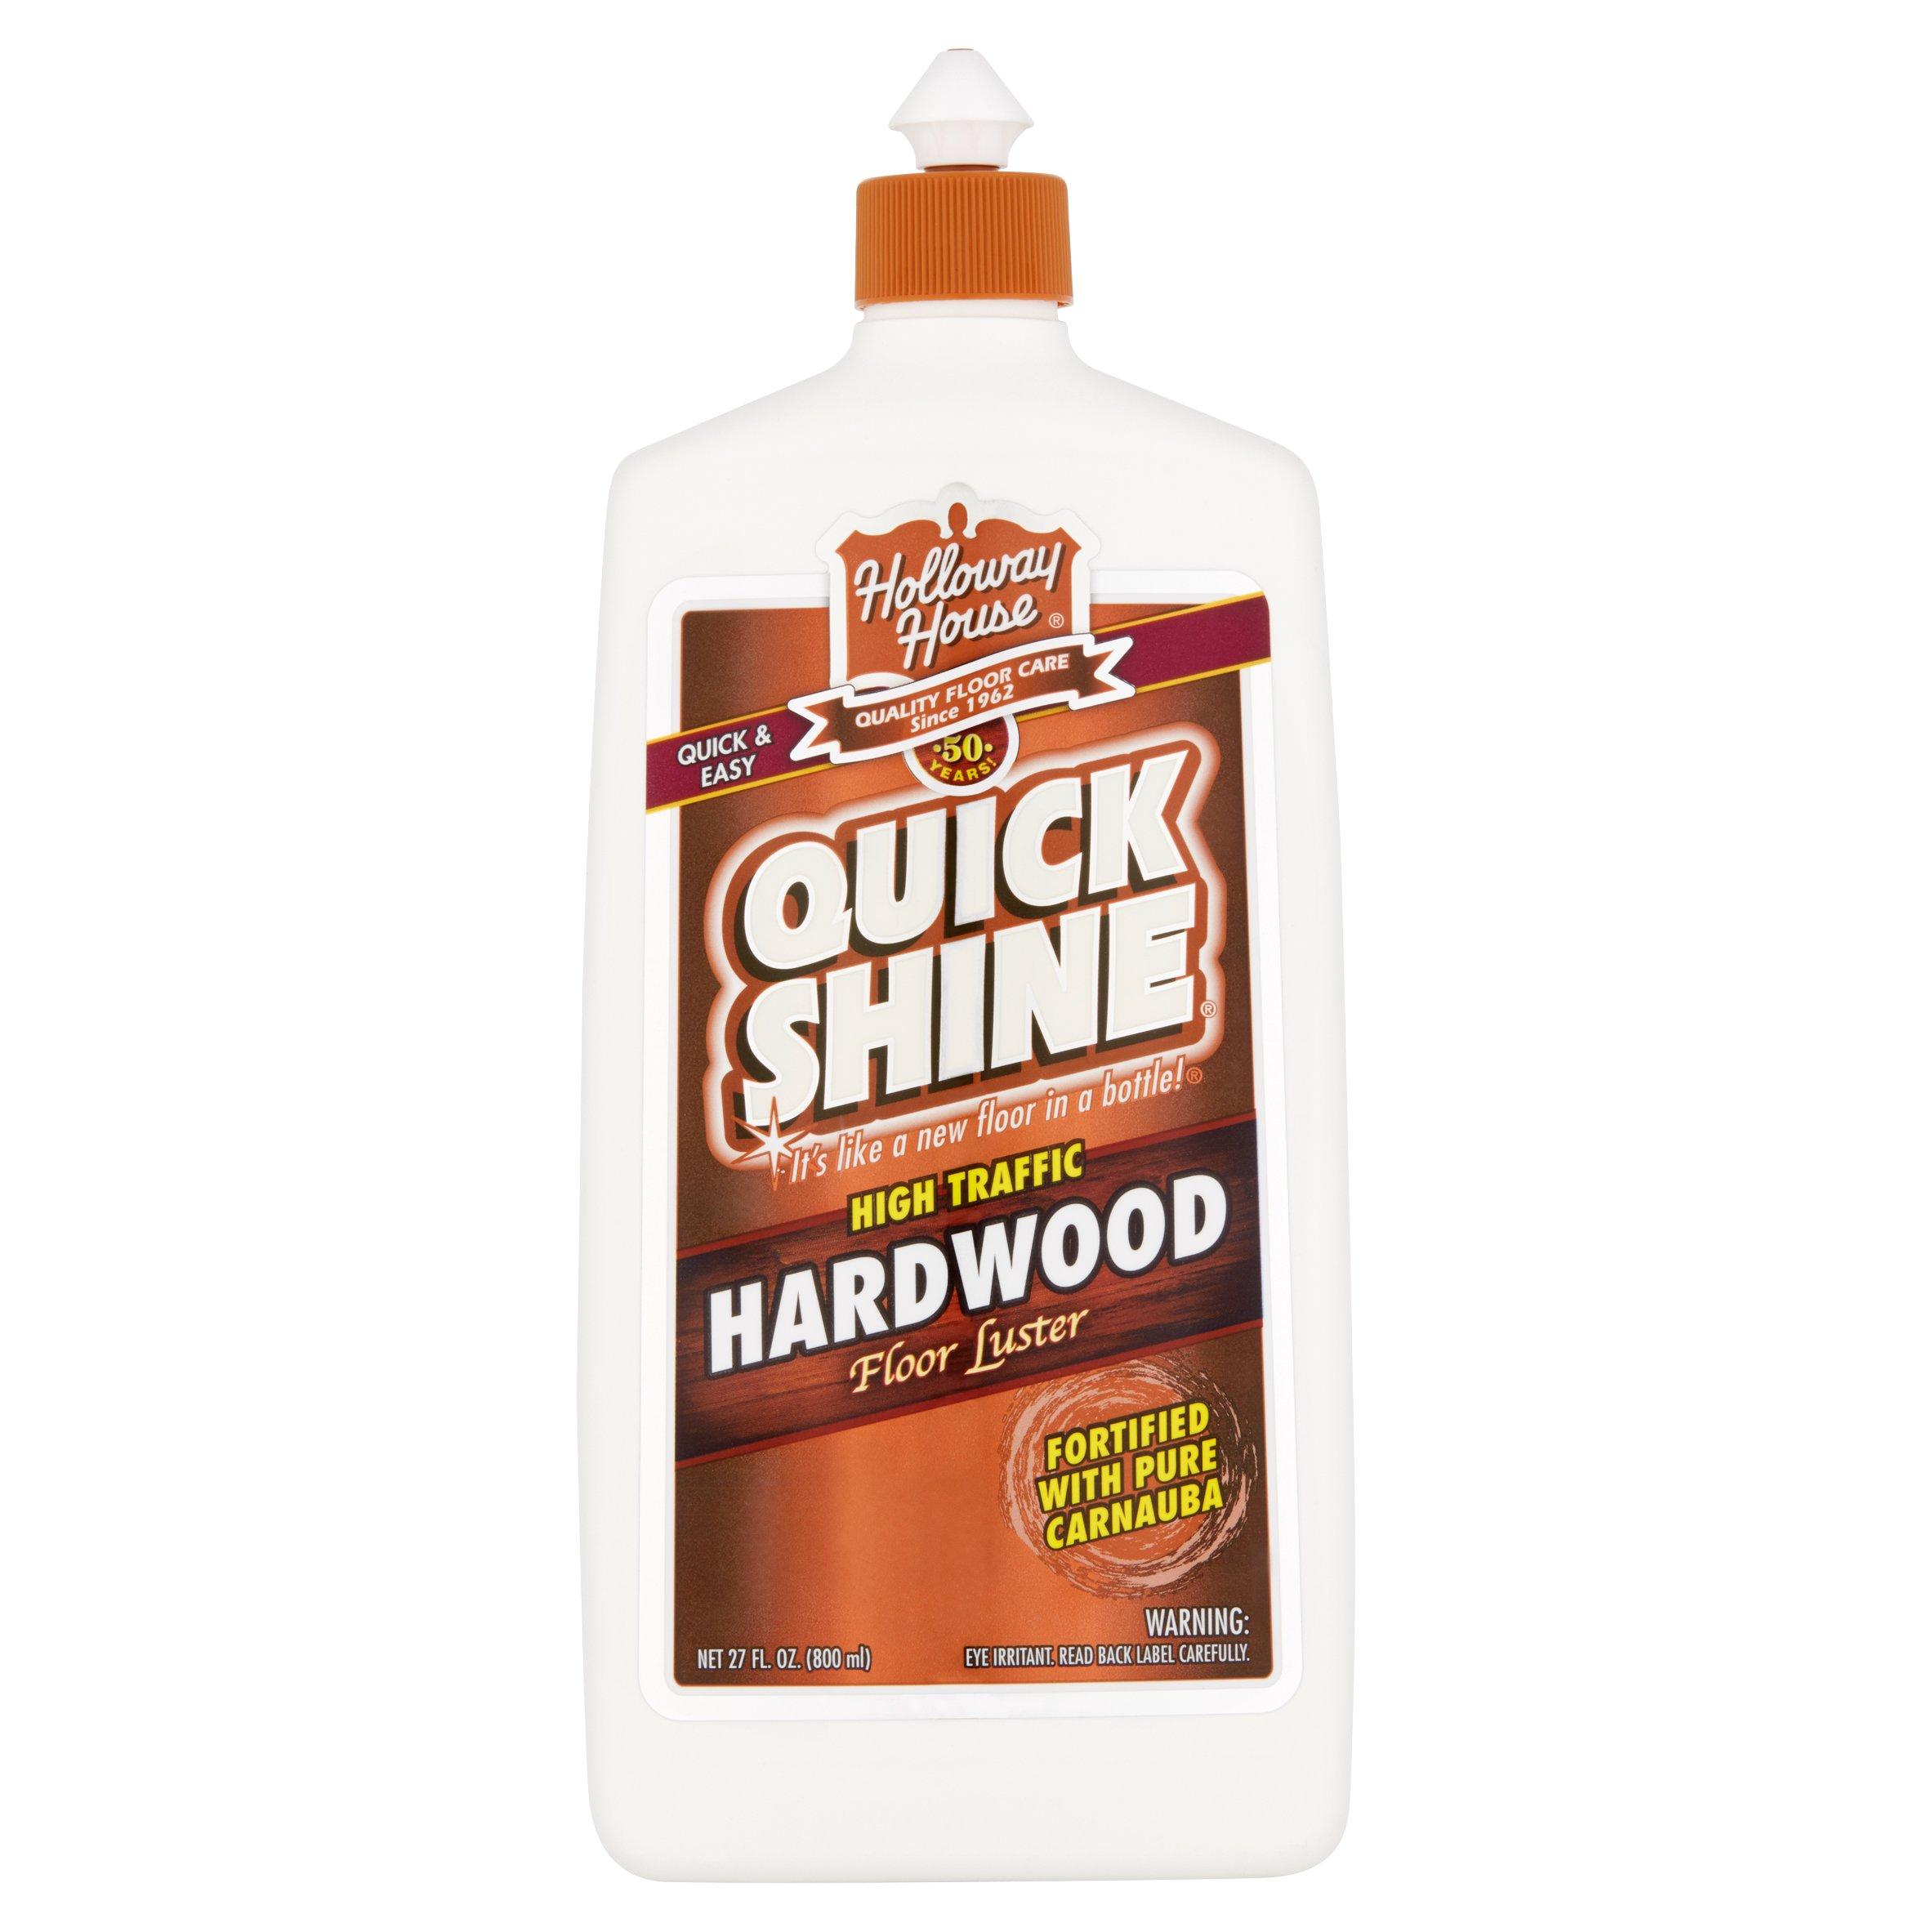 Quick Shine Hardwood Floor Luster - Walmart.com